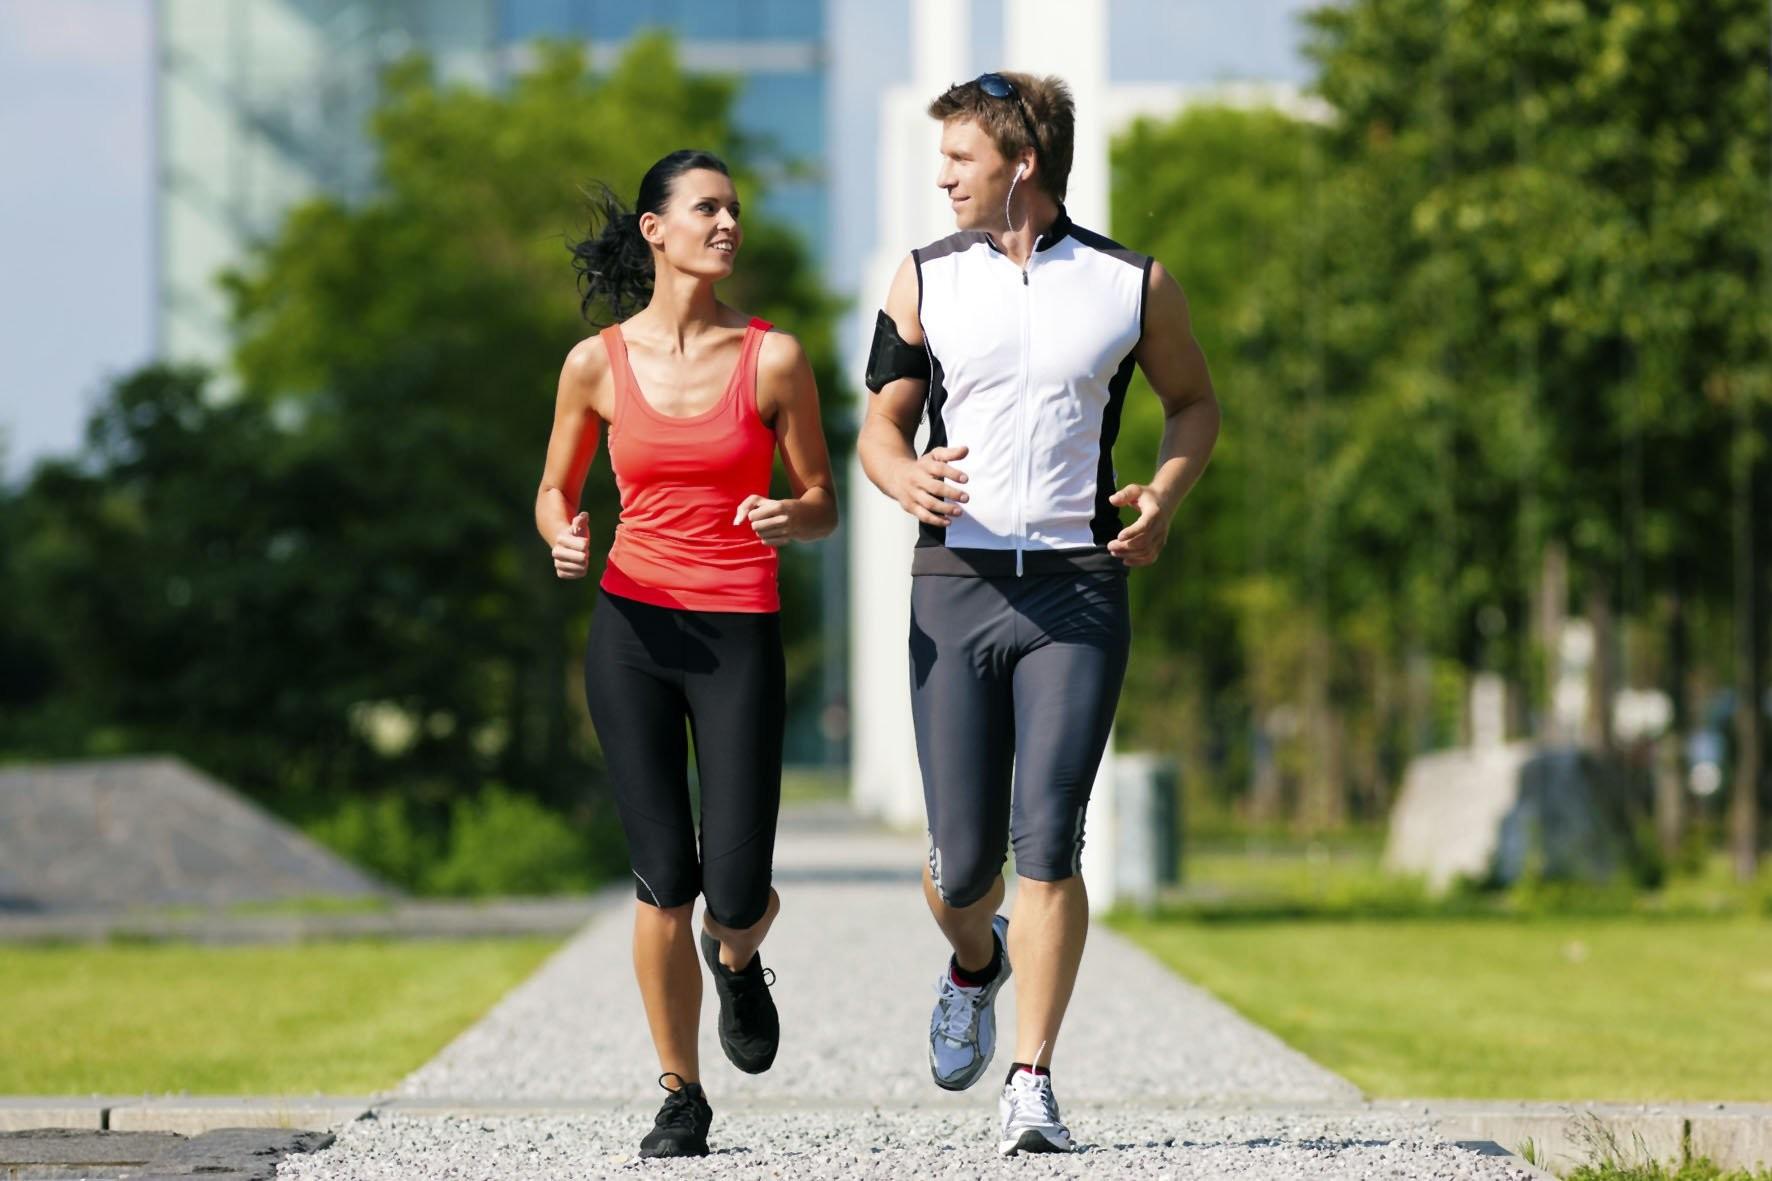 Польза бега: настолько ли полезны занятия, как говорят?